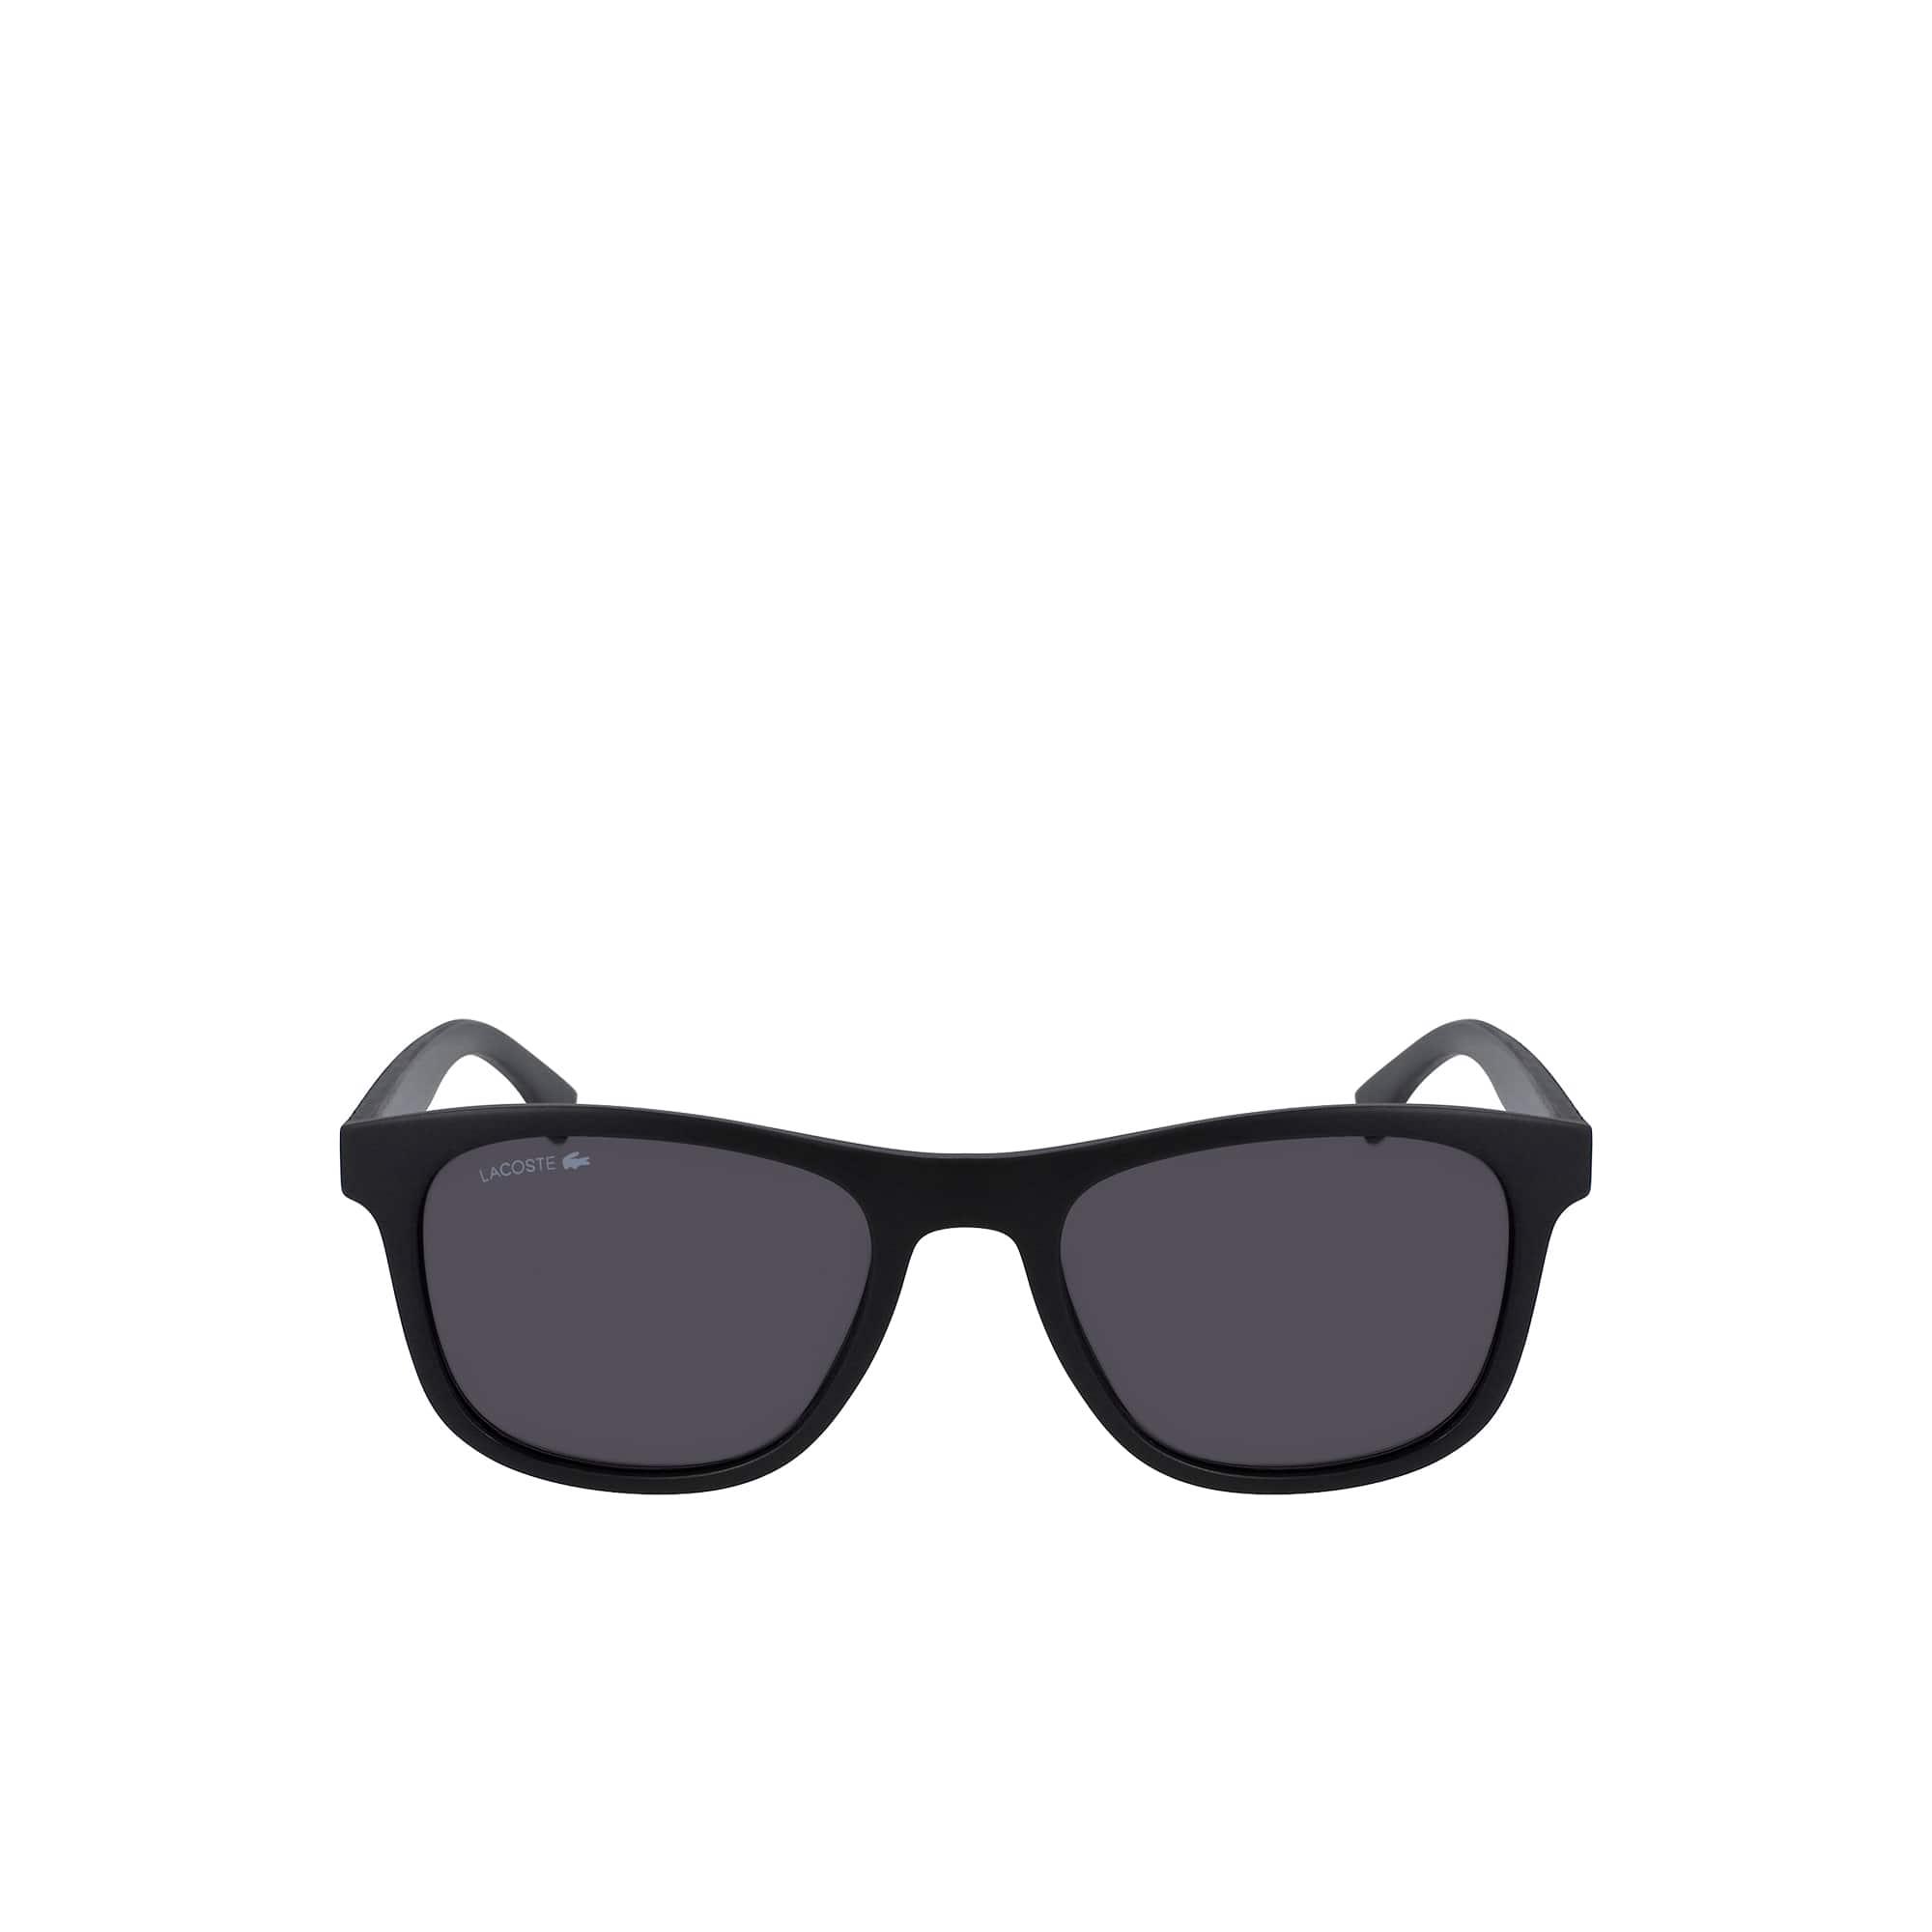 947a43c5db Lunettes de soleil | Accessoires Homme | LACOSTE